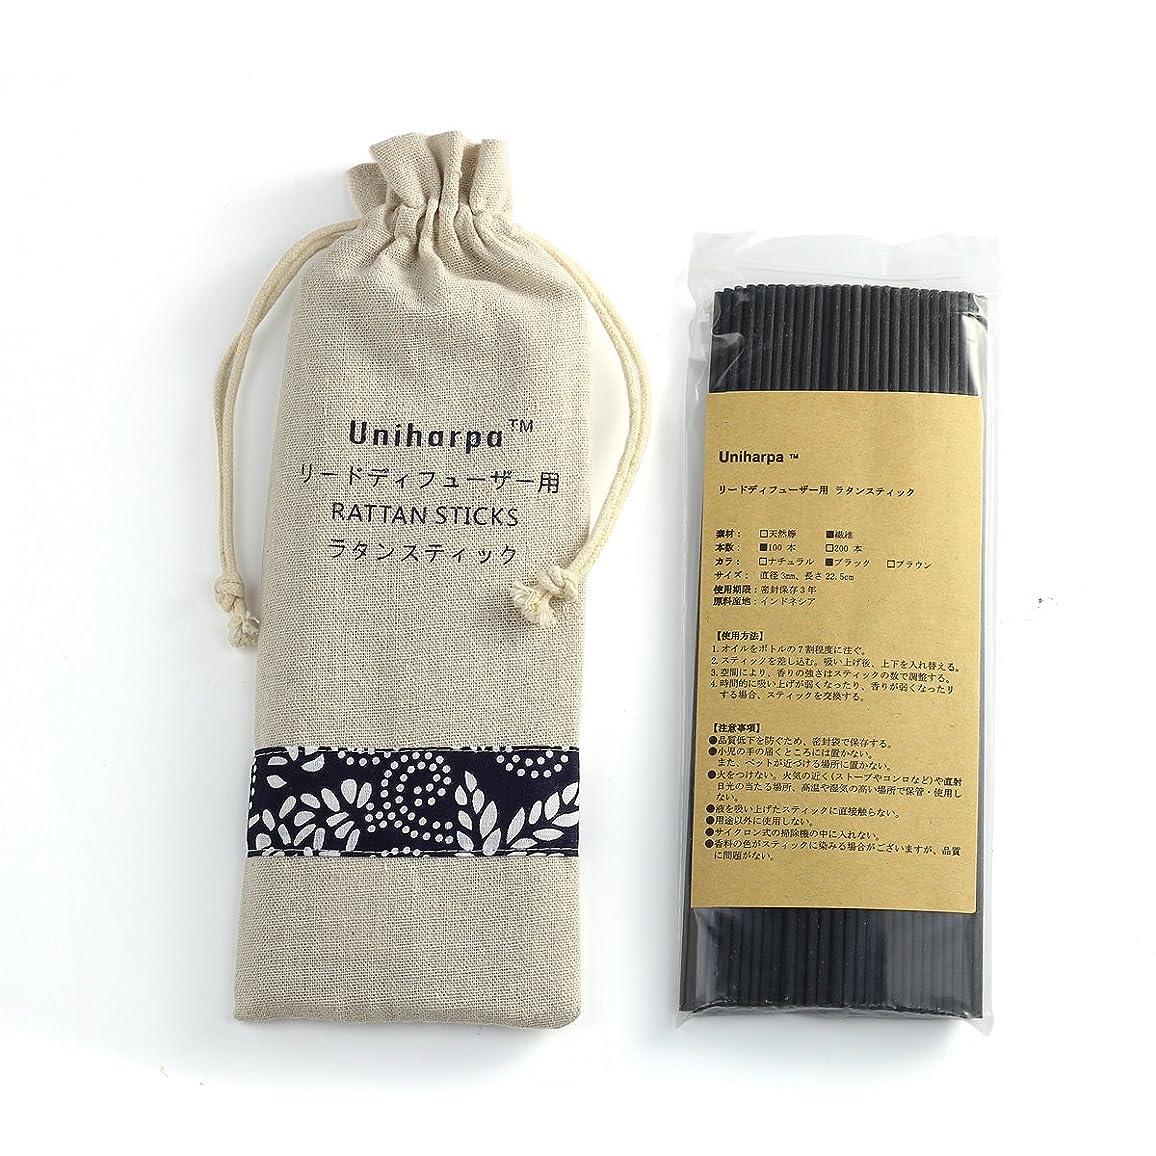 然とした地区深めるリードディフューザー用 ラタンスティック/リードスティック リフィル 繊維素材 22.5cm 直径3mm 100本入 乾燥剤入り オリジナル旅行専用袋付 (ブラック)